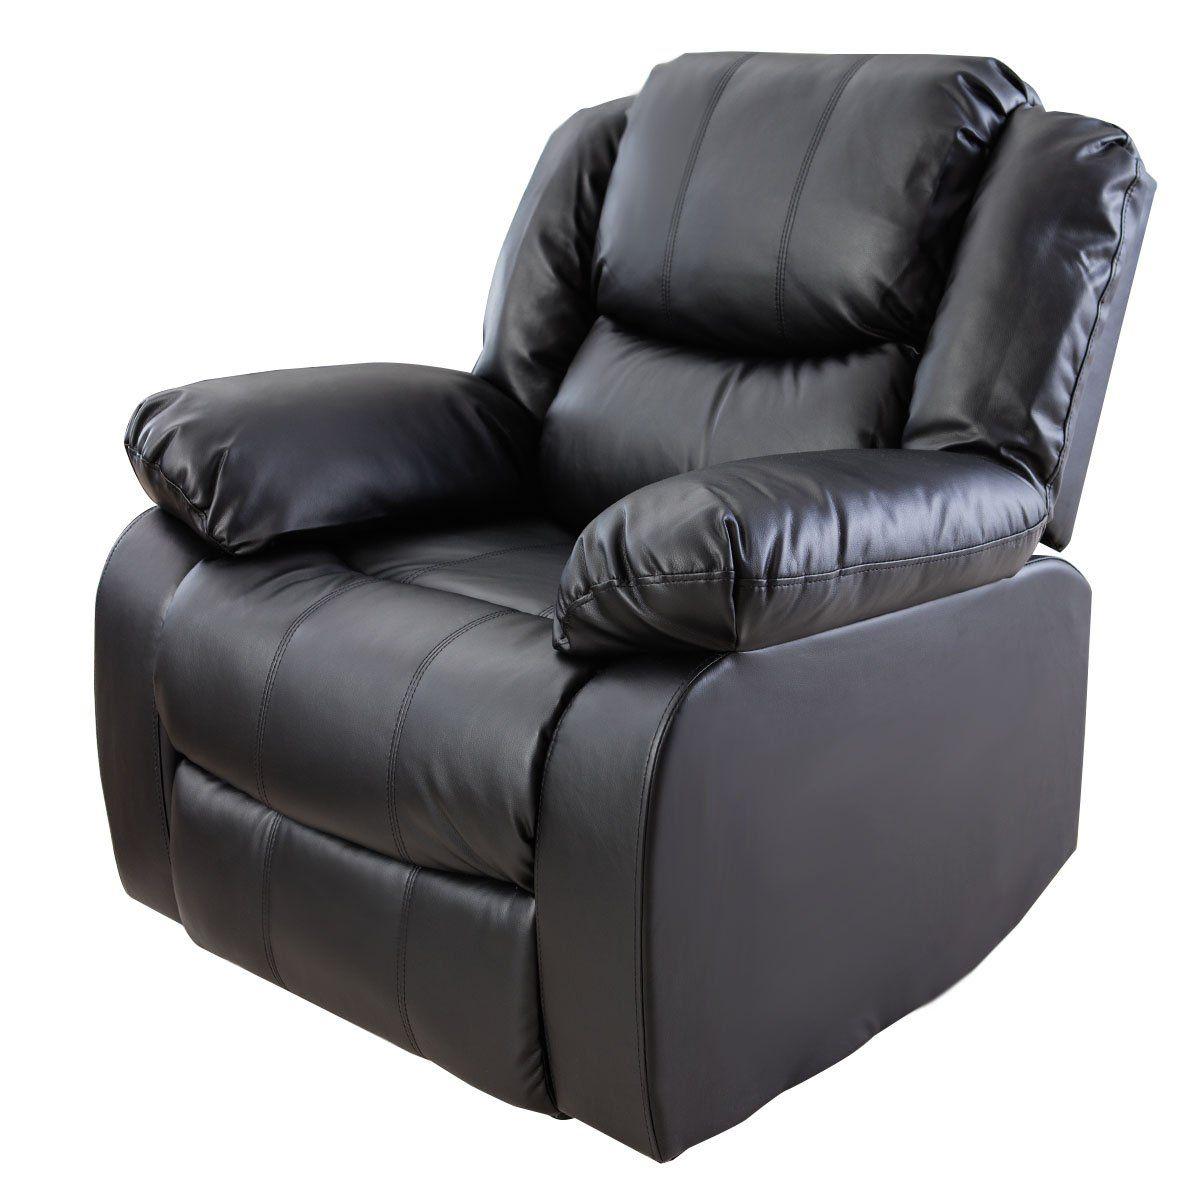 giantex 3pc black motion sofa loveseat recliner set living room